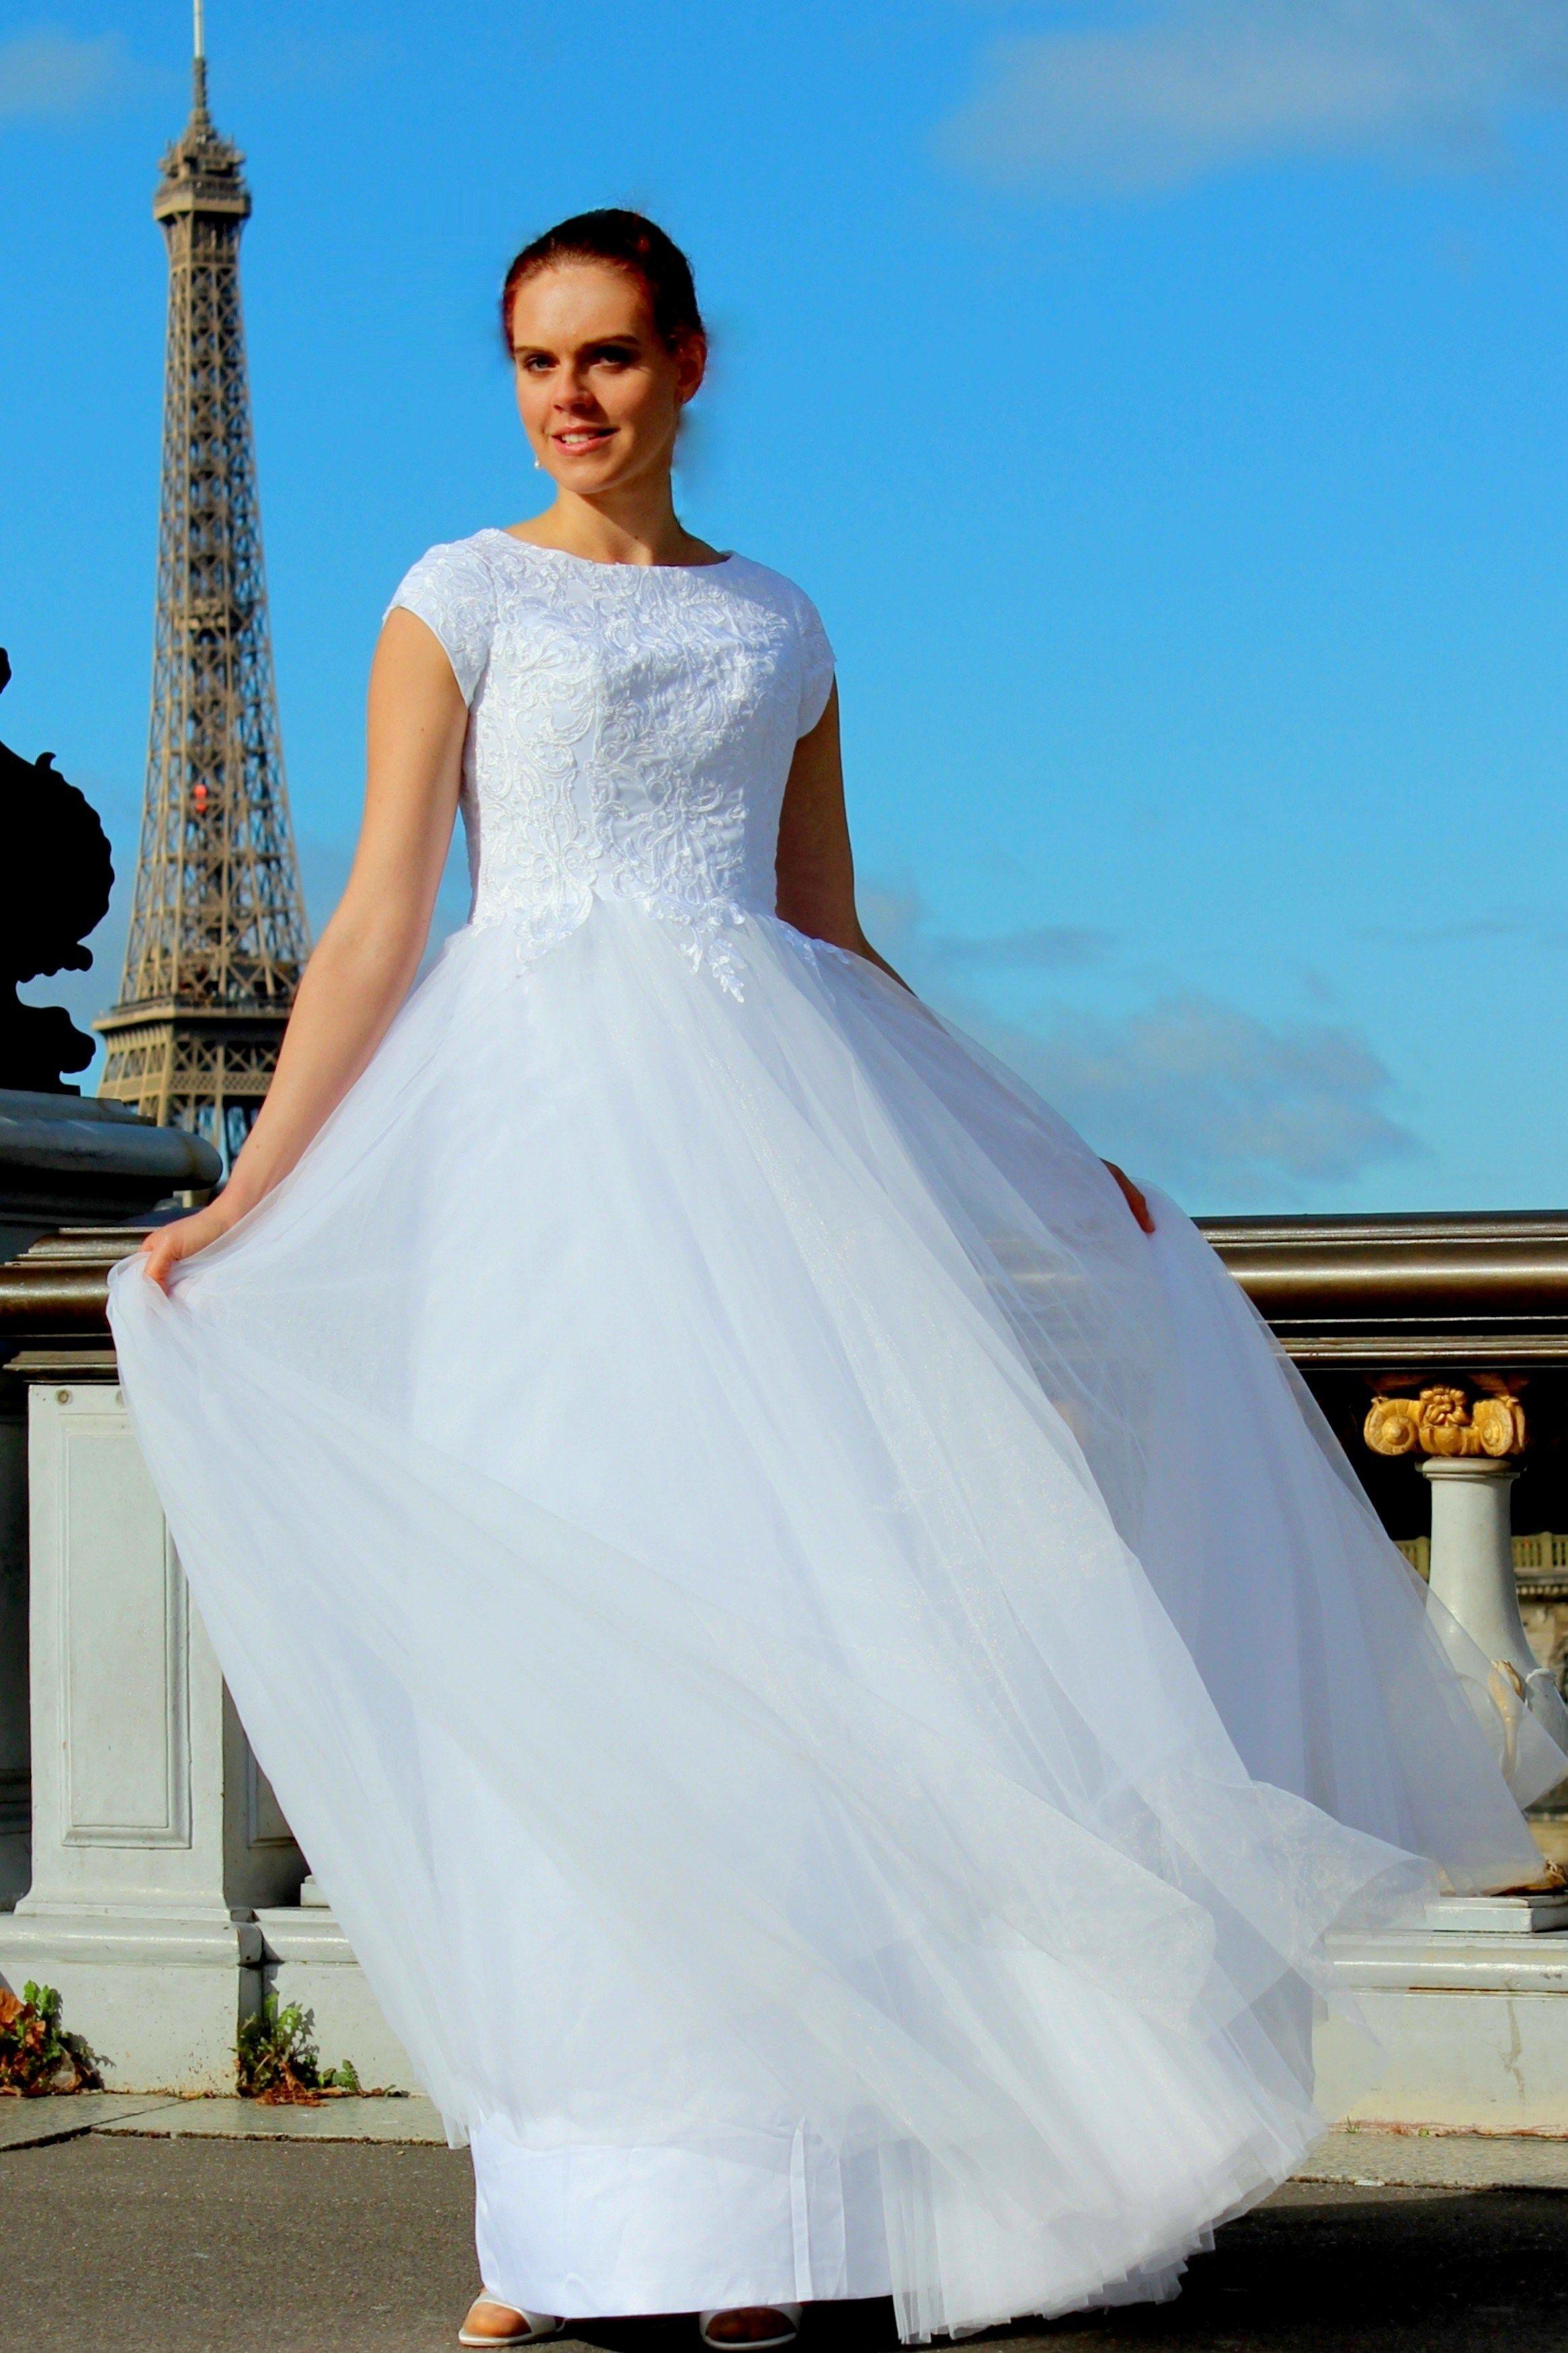 Niedlich Prom Kleider Watertown Ny Fotos - Brautkleider Ideen ...